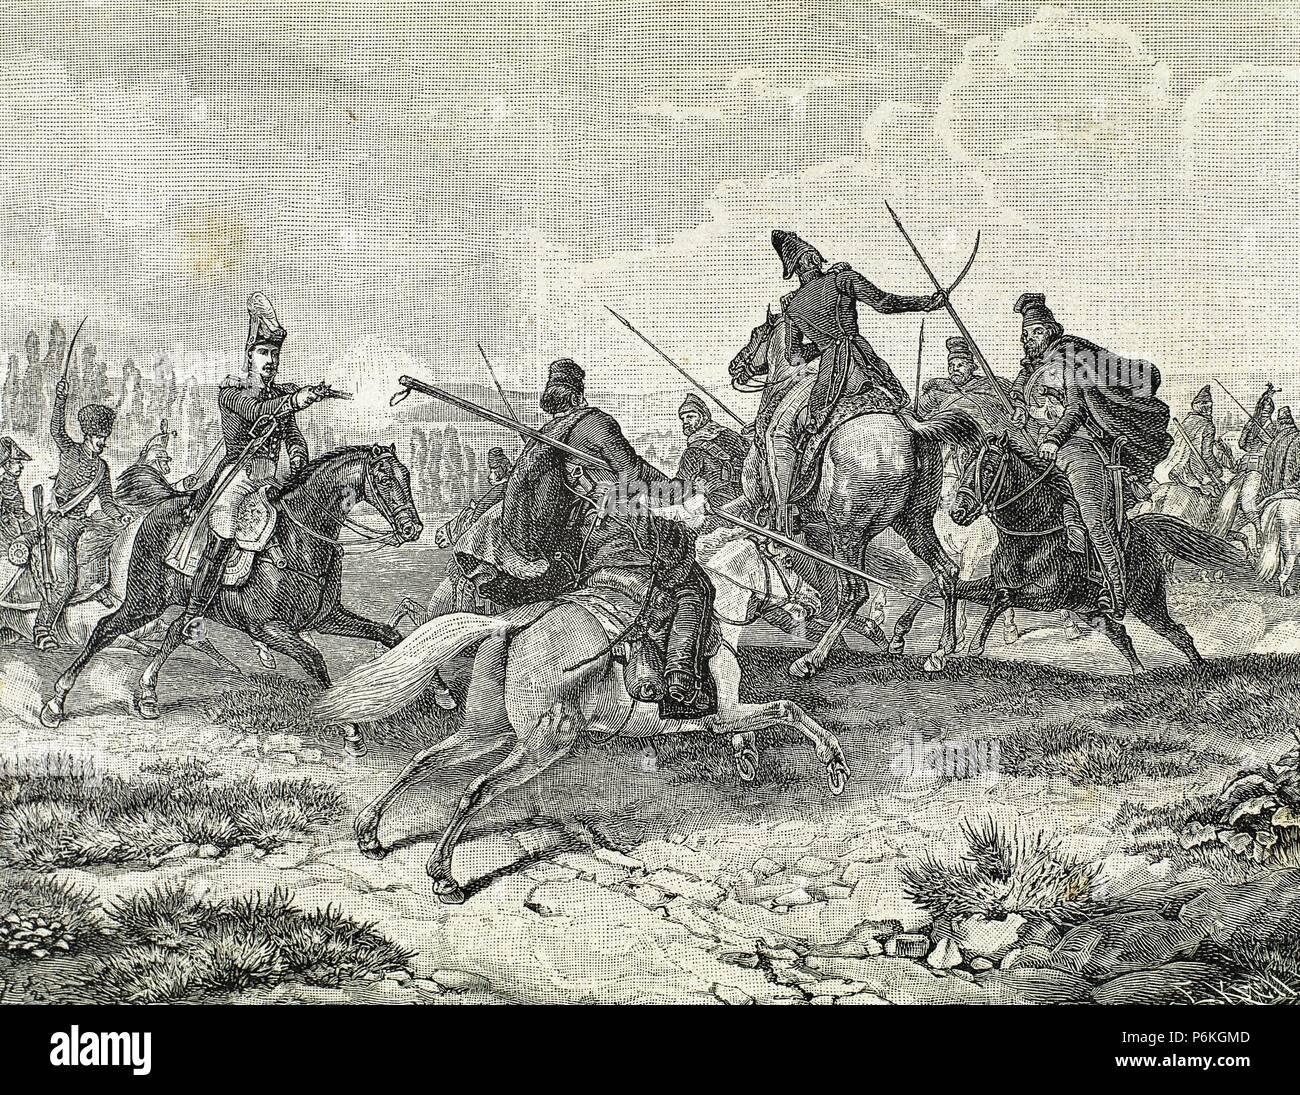 Guerres napoléoniennes. Lutte en Russie. Les cosaques contre l'armée française. Gravure, 19ème siècle. Banque D'Images